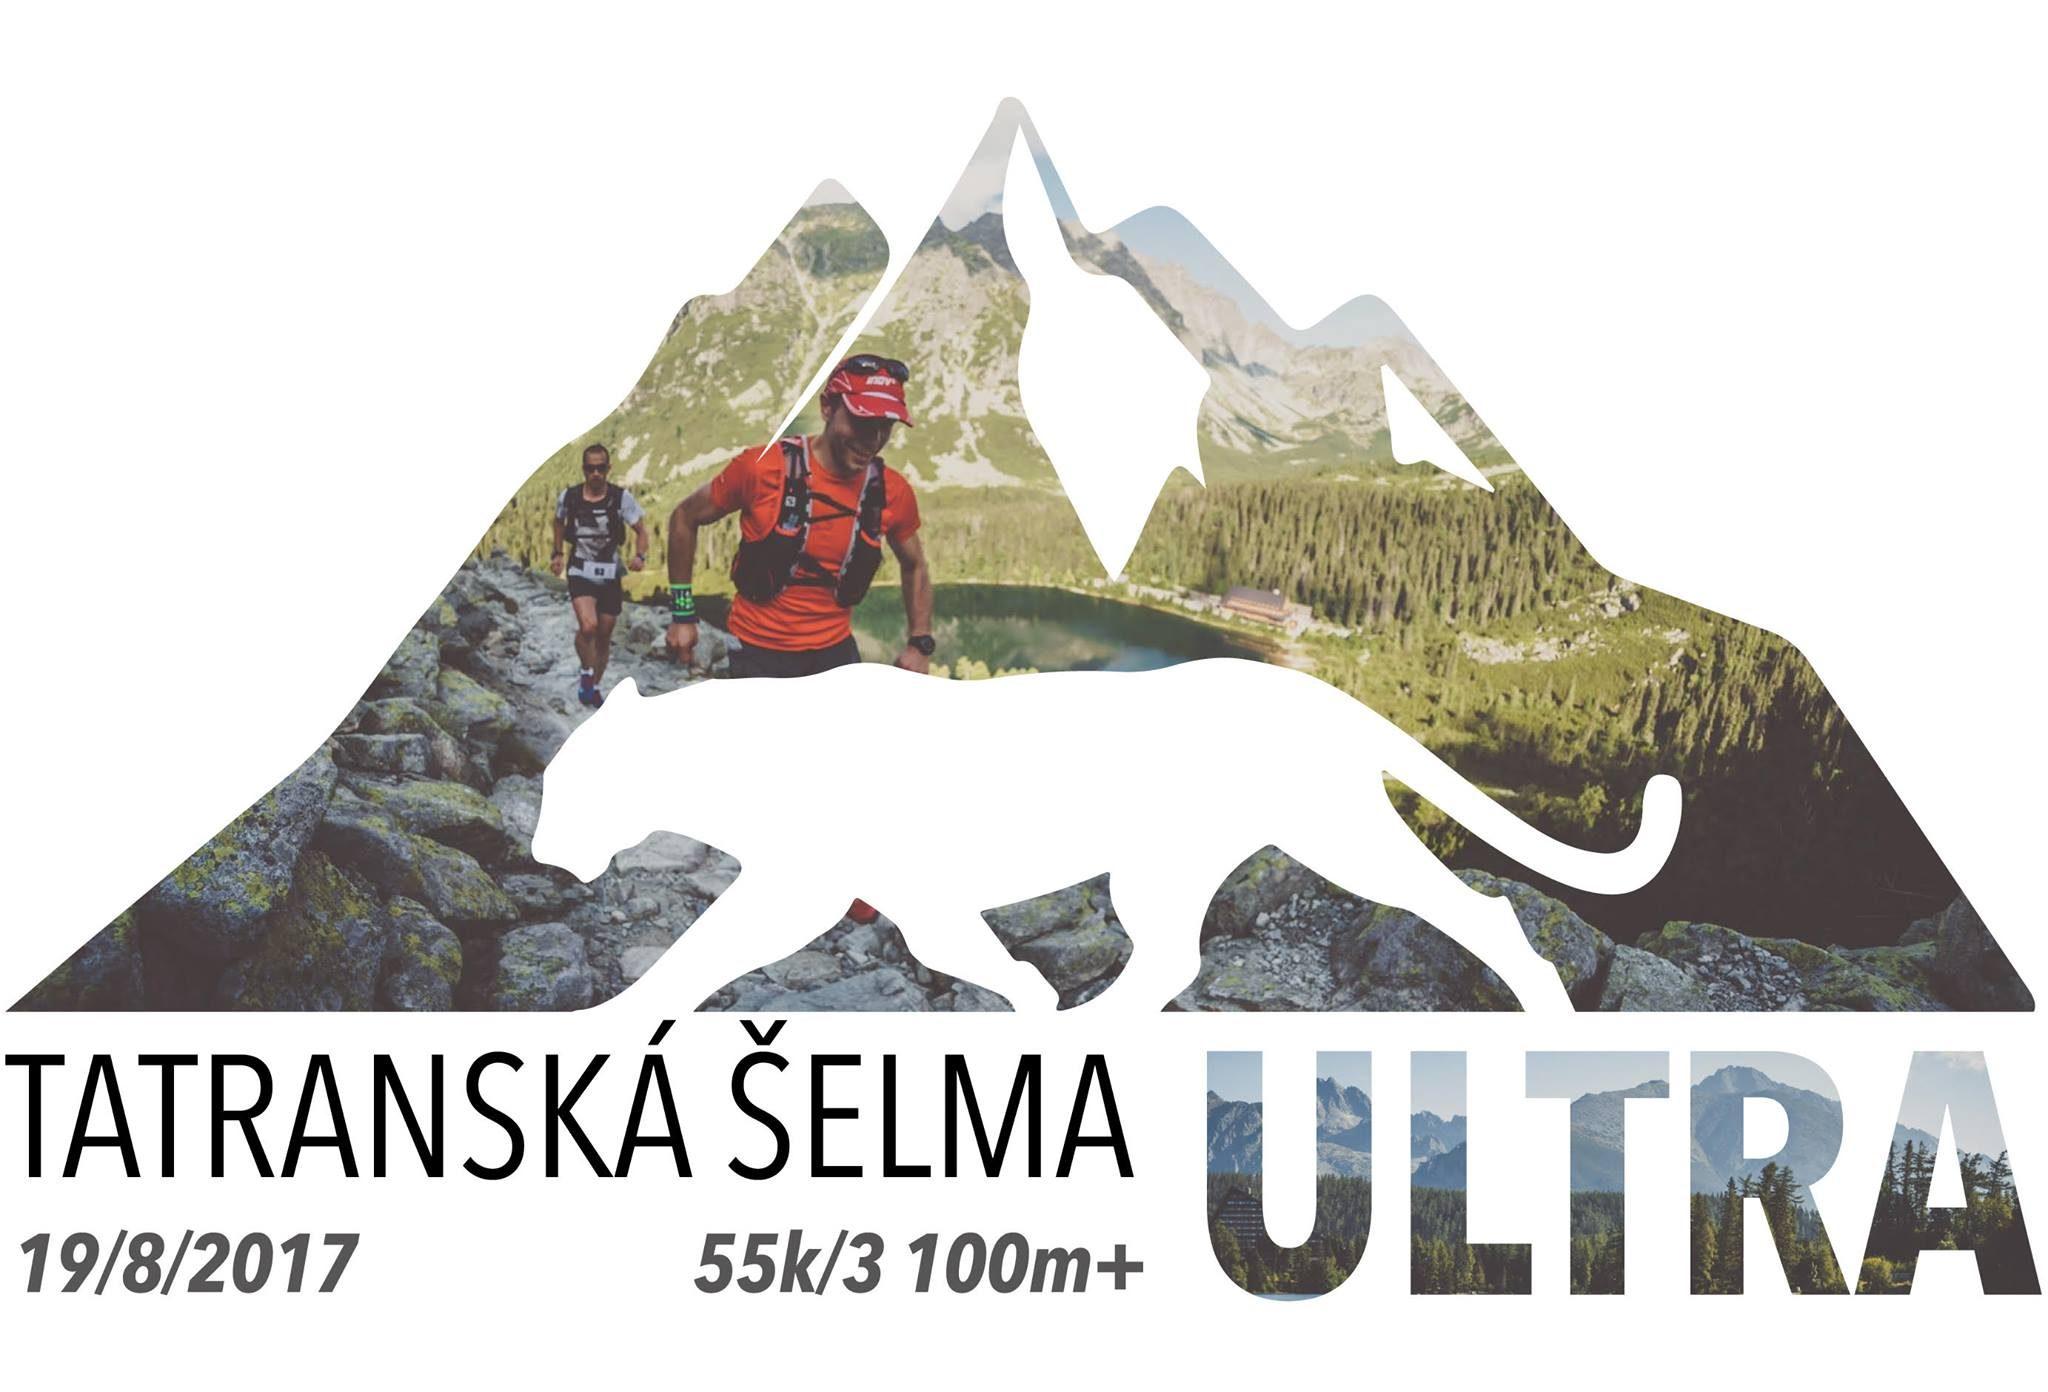 Expresky z hôr 75 - Tatranská Šelma Ultra 2017, zdroj: FB page @tatranskaselma